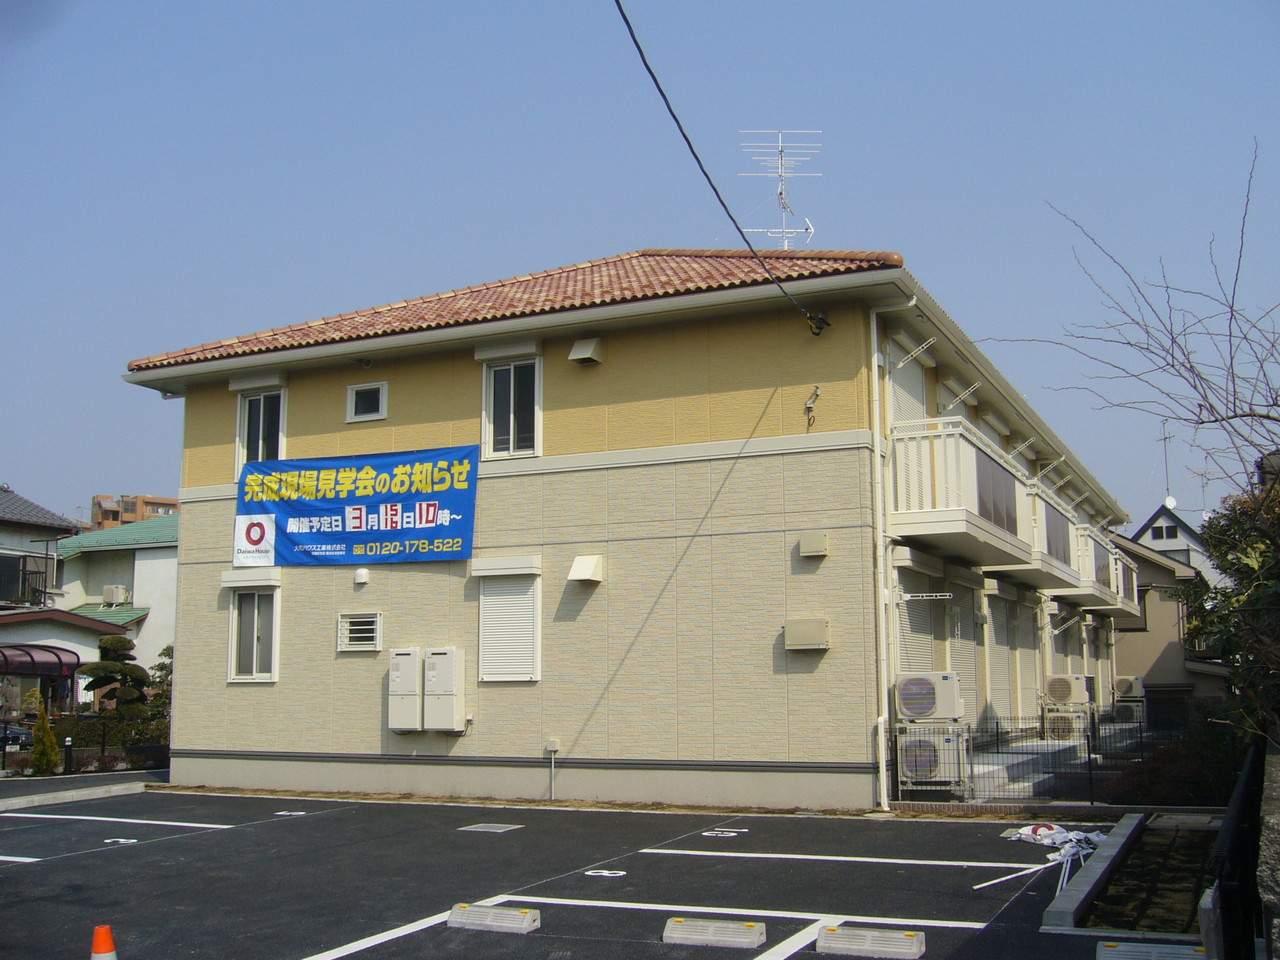 神奈川県座間市、相武台前駅徒歩9分の築10年 2階建の賃貸アパート